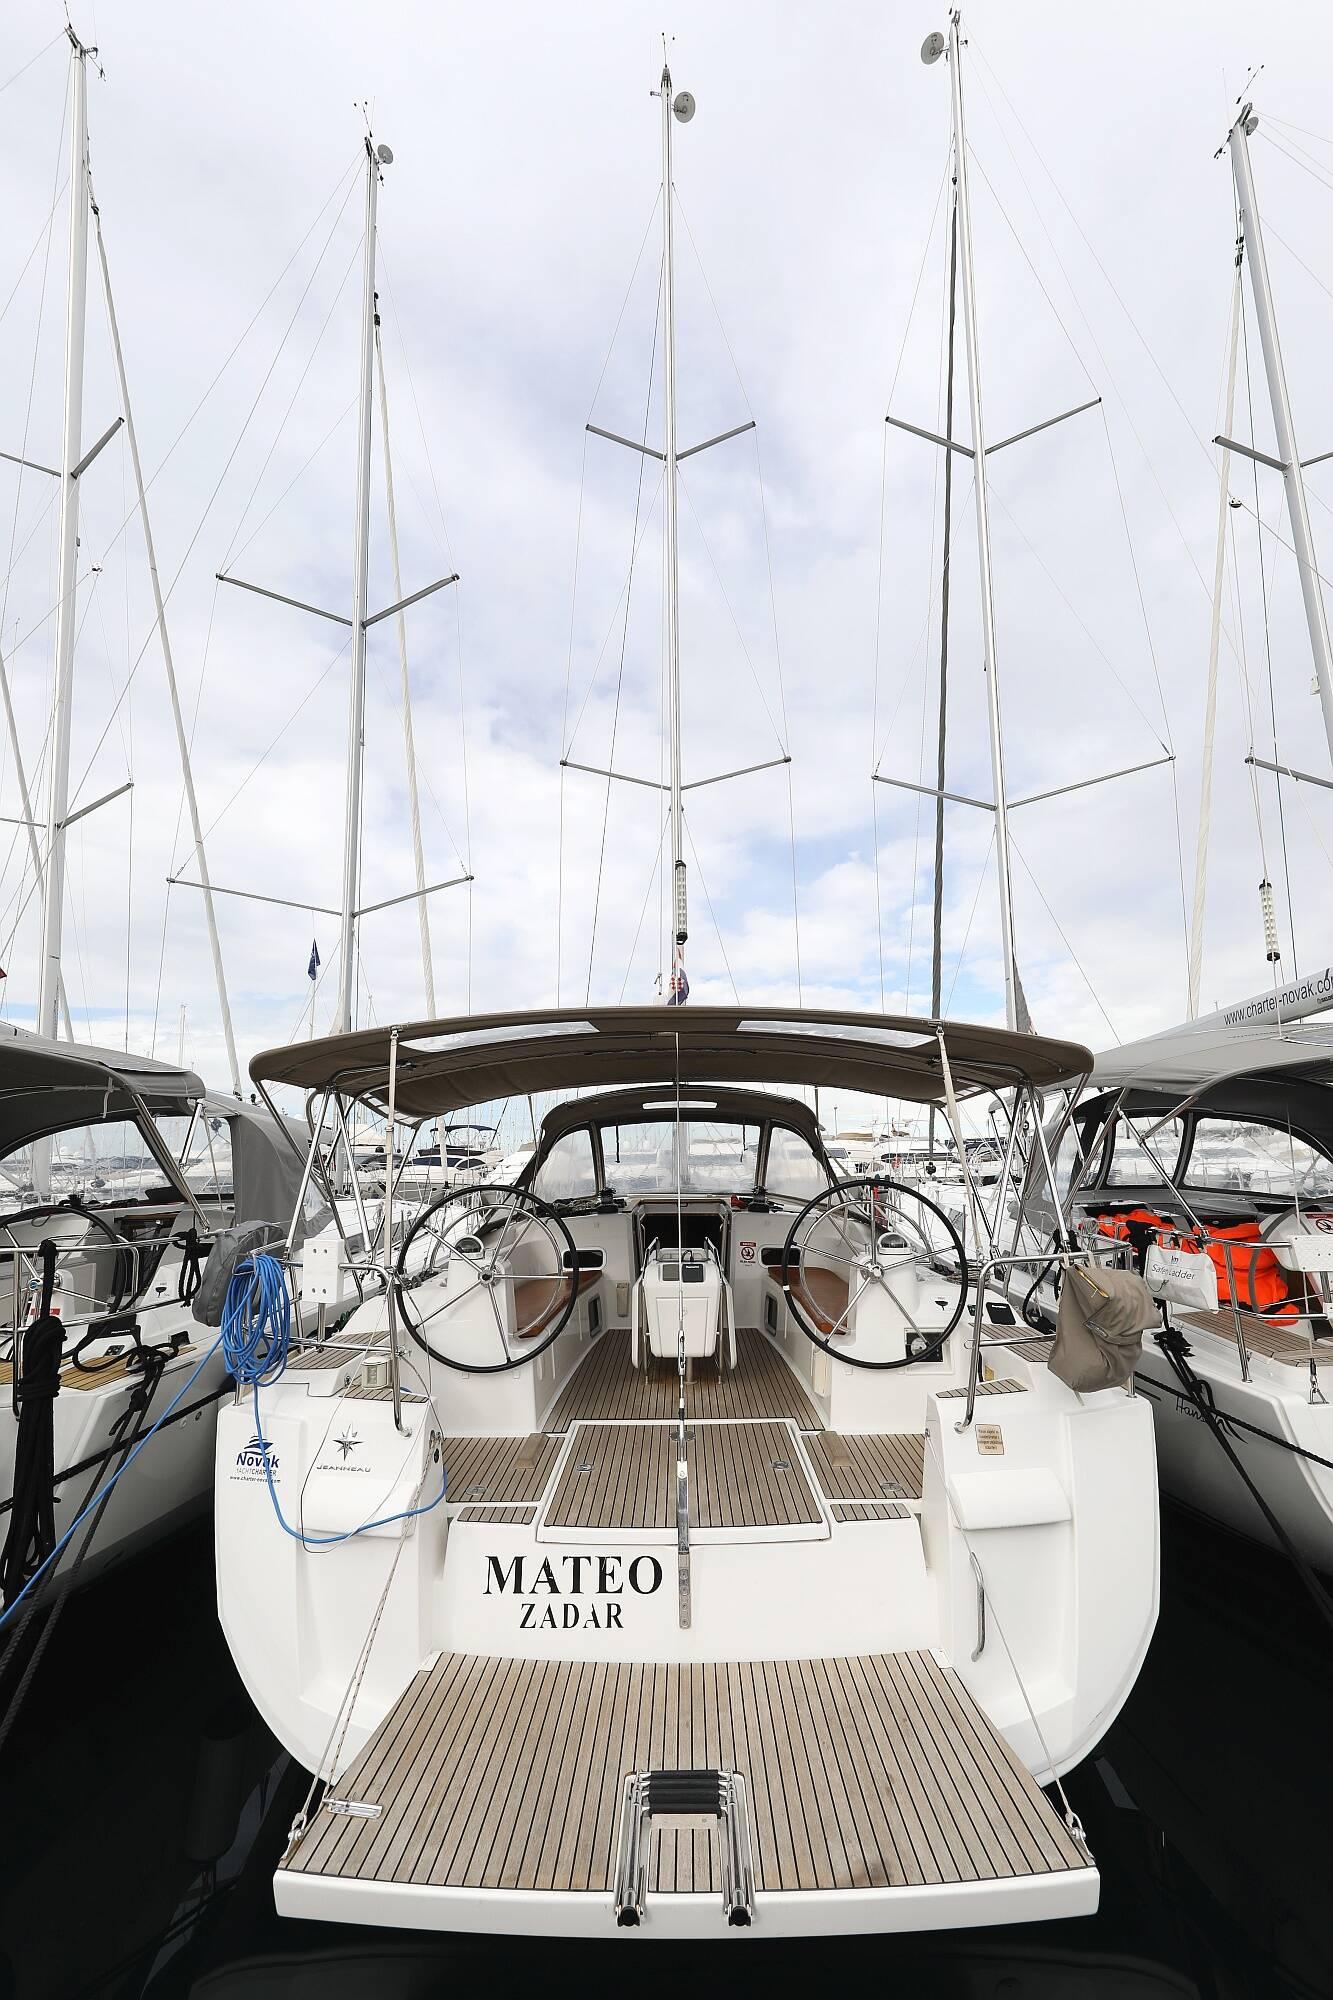 Sun Odyssey 469, Mateo